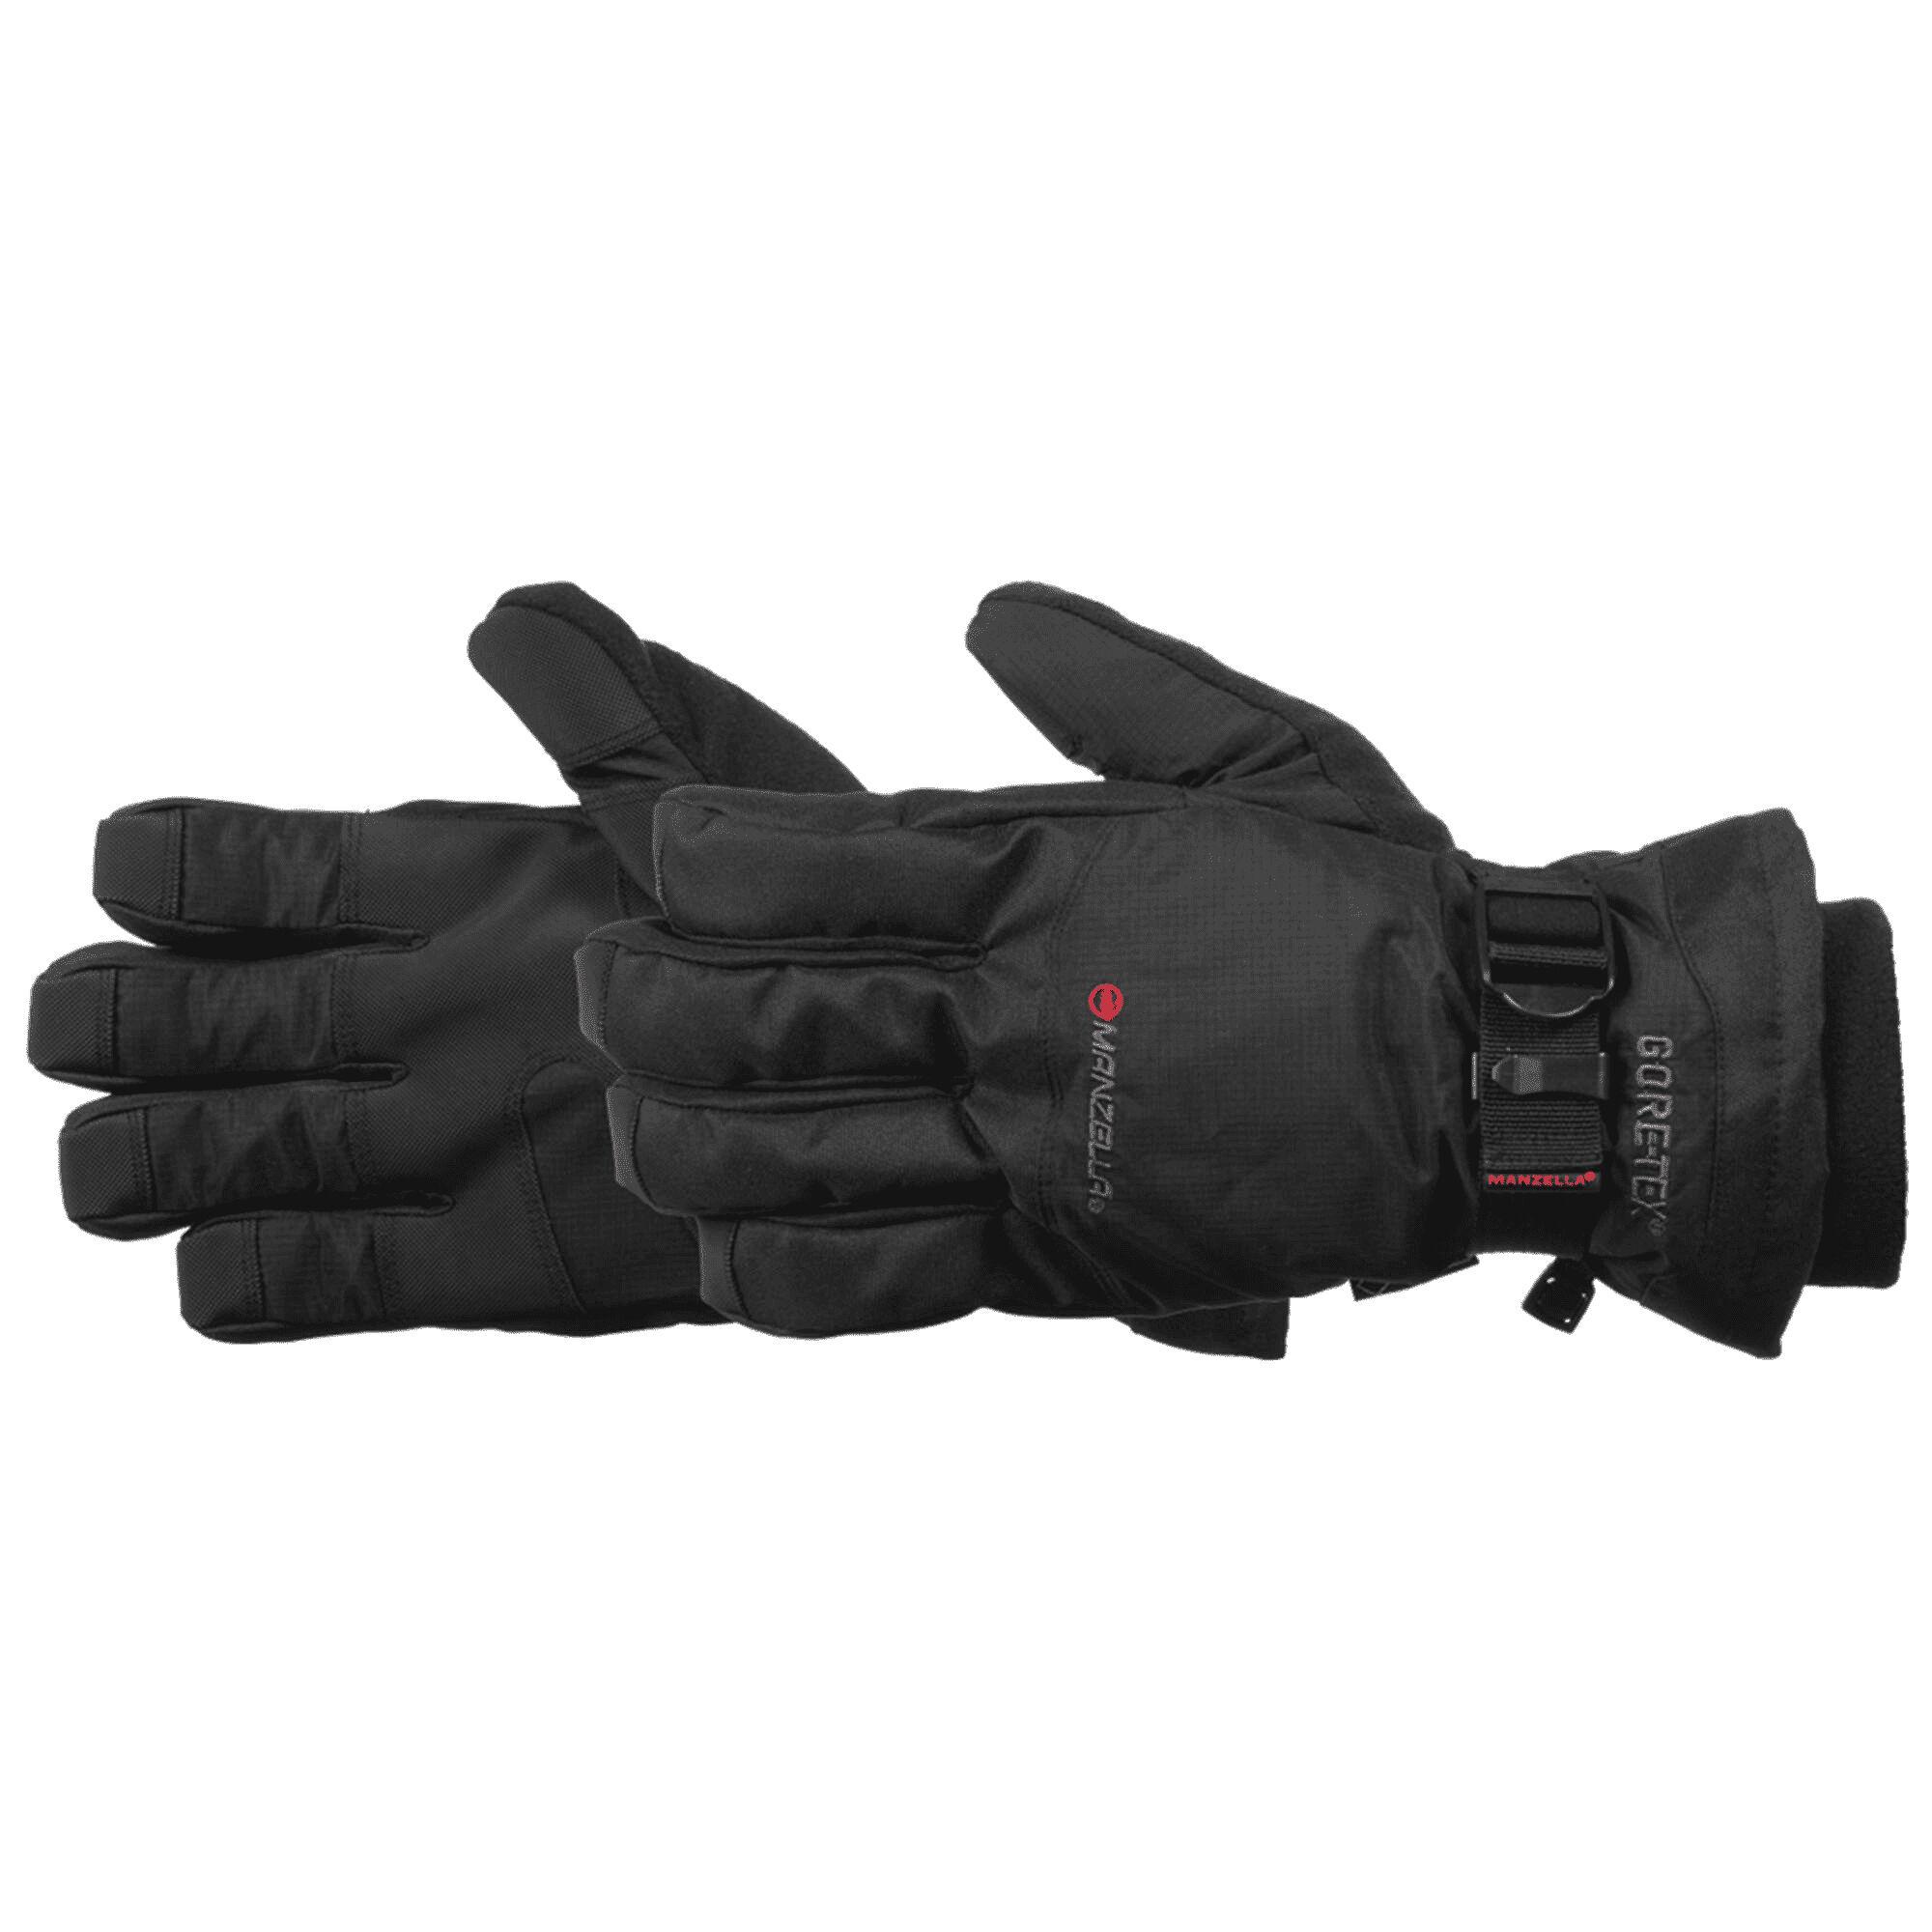 Manzella Men's Gore-Tex Stealth II Glove